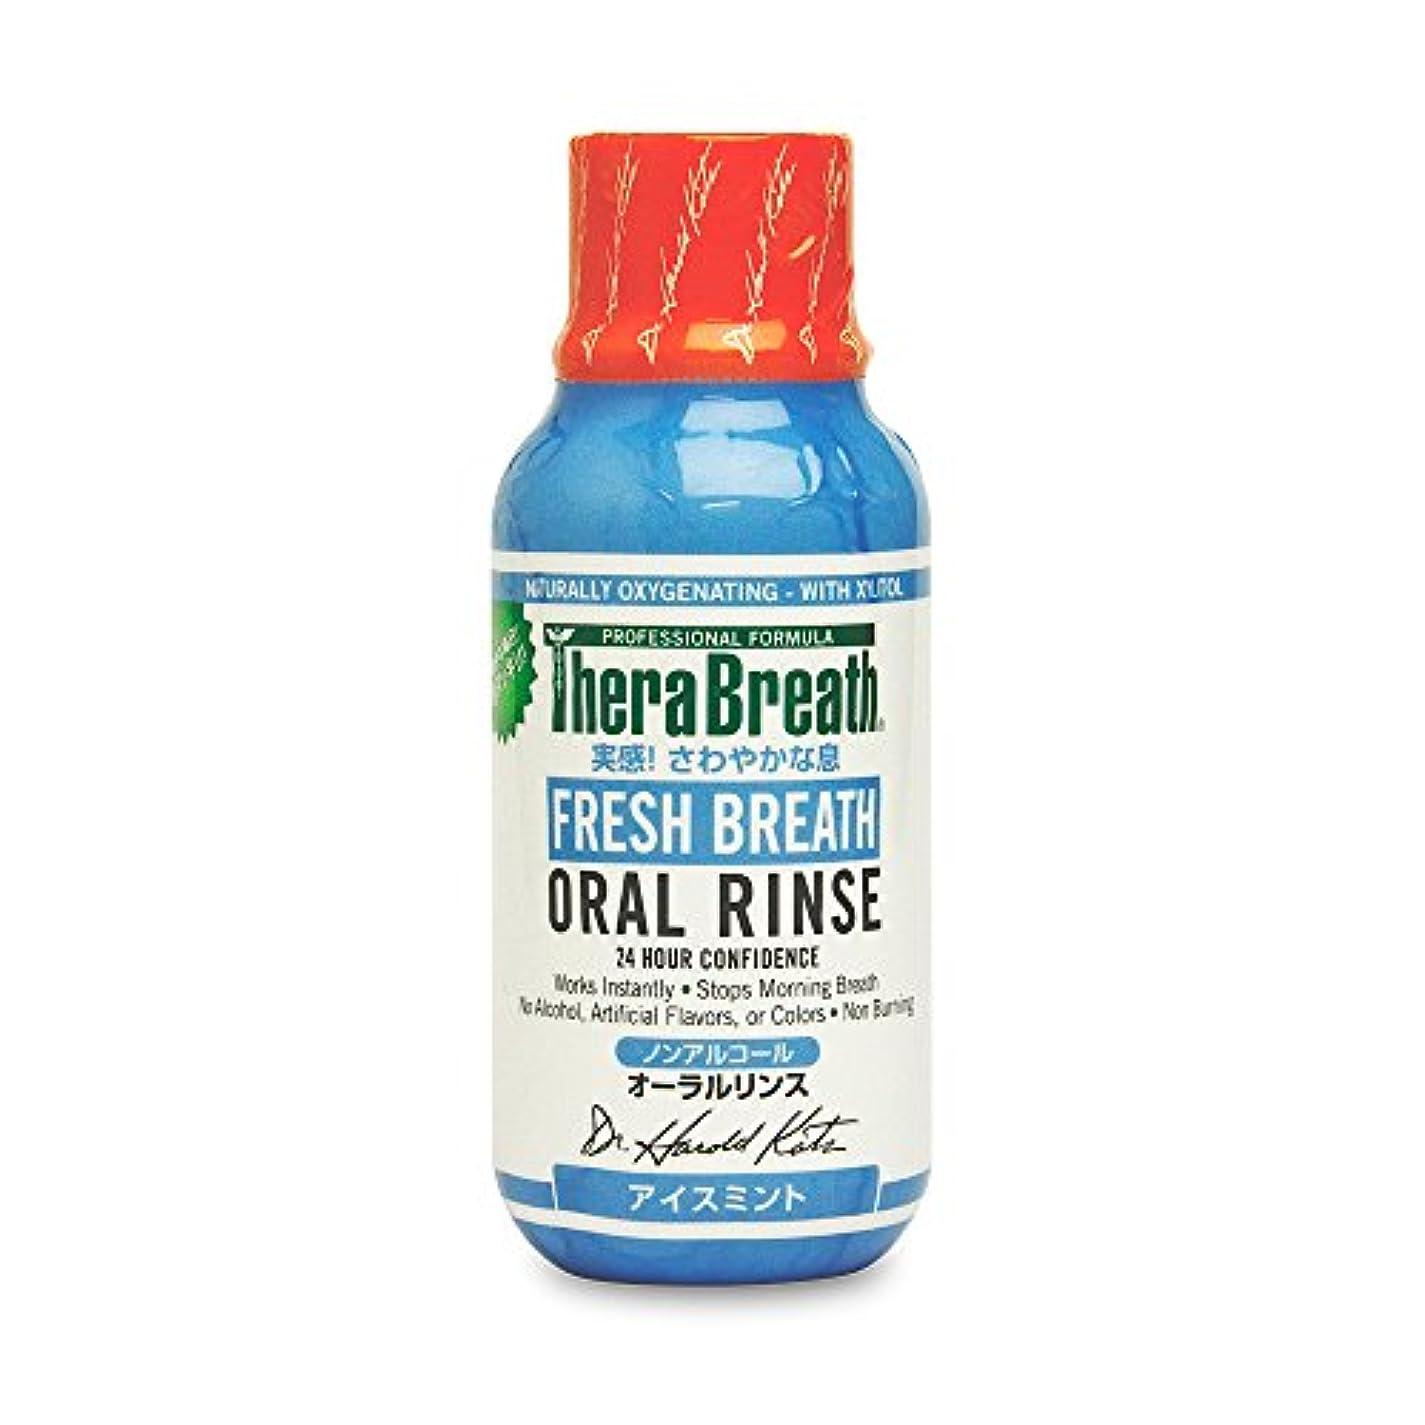 商業のびっくり海藻TheraBreath (セラブレス) セラブレスオーラルリンス アイスミント ミニボトル 88ml (正規輸入品) マウスウォッシュ